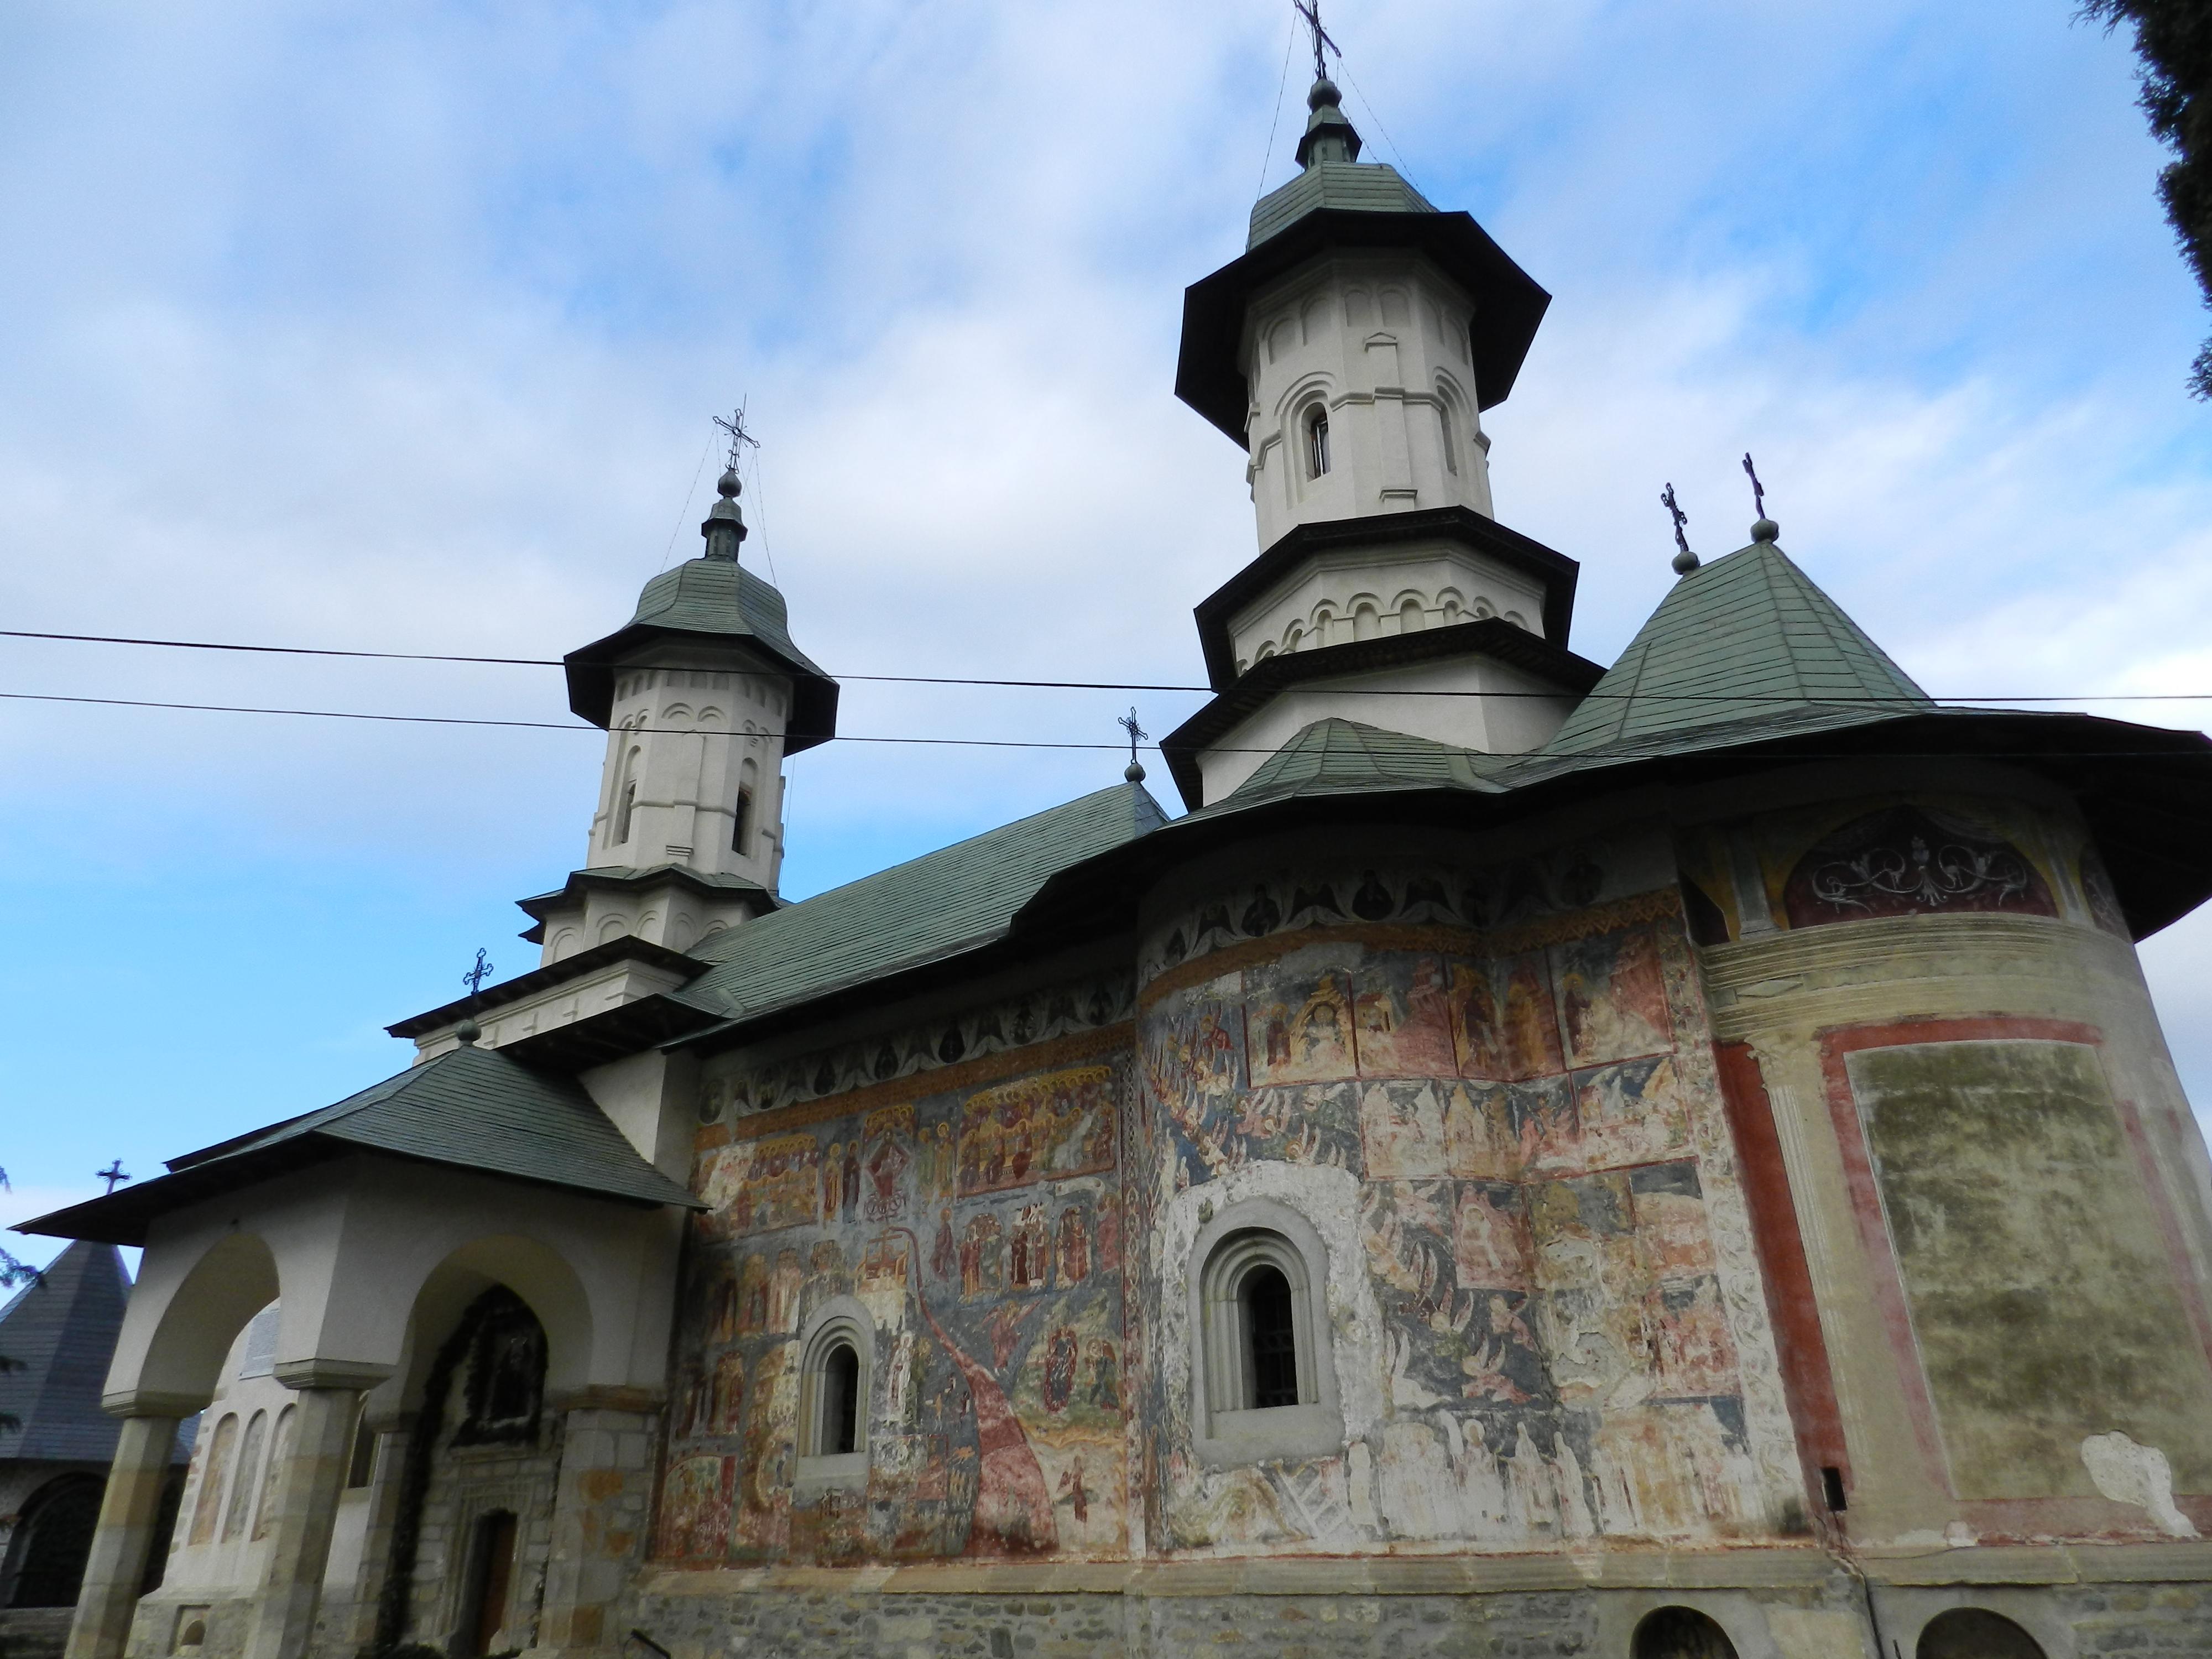 Mănăstirea Râșca, cea mai puțin vizitată dintre mănăstirile cu frescă exterioară din nordul Moldovei.